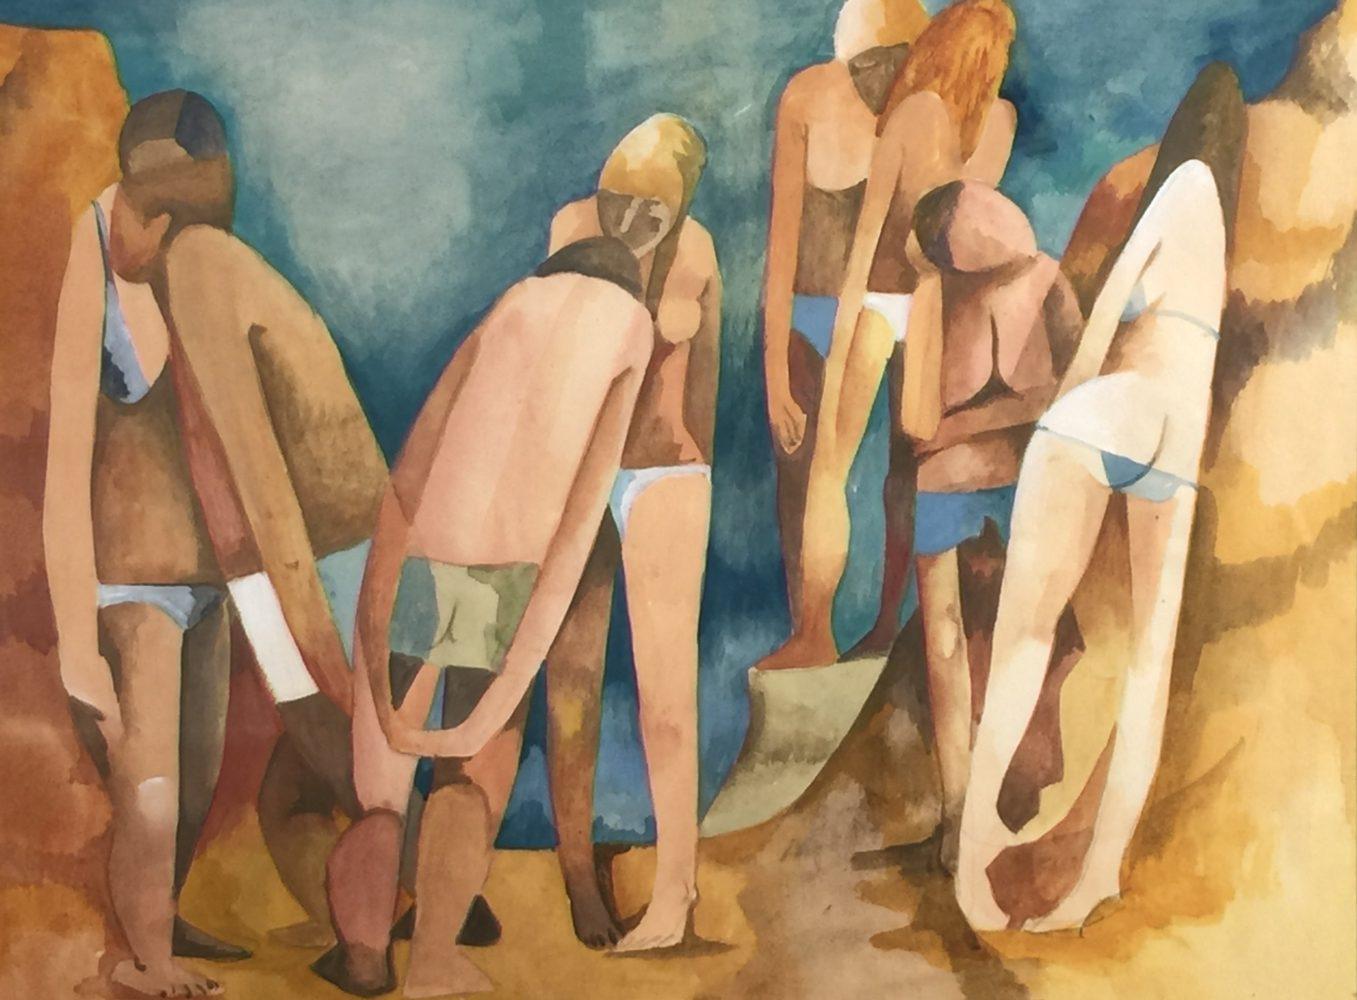 Dorothy Braund, Beach Bodies c.1985, gouache on paper, 40 x 50cm $4800